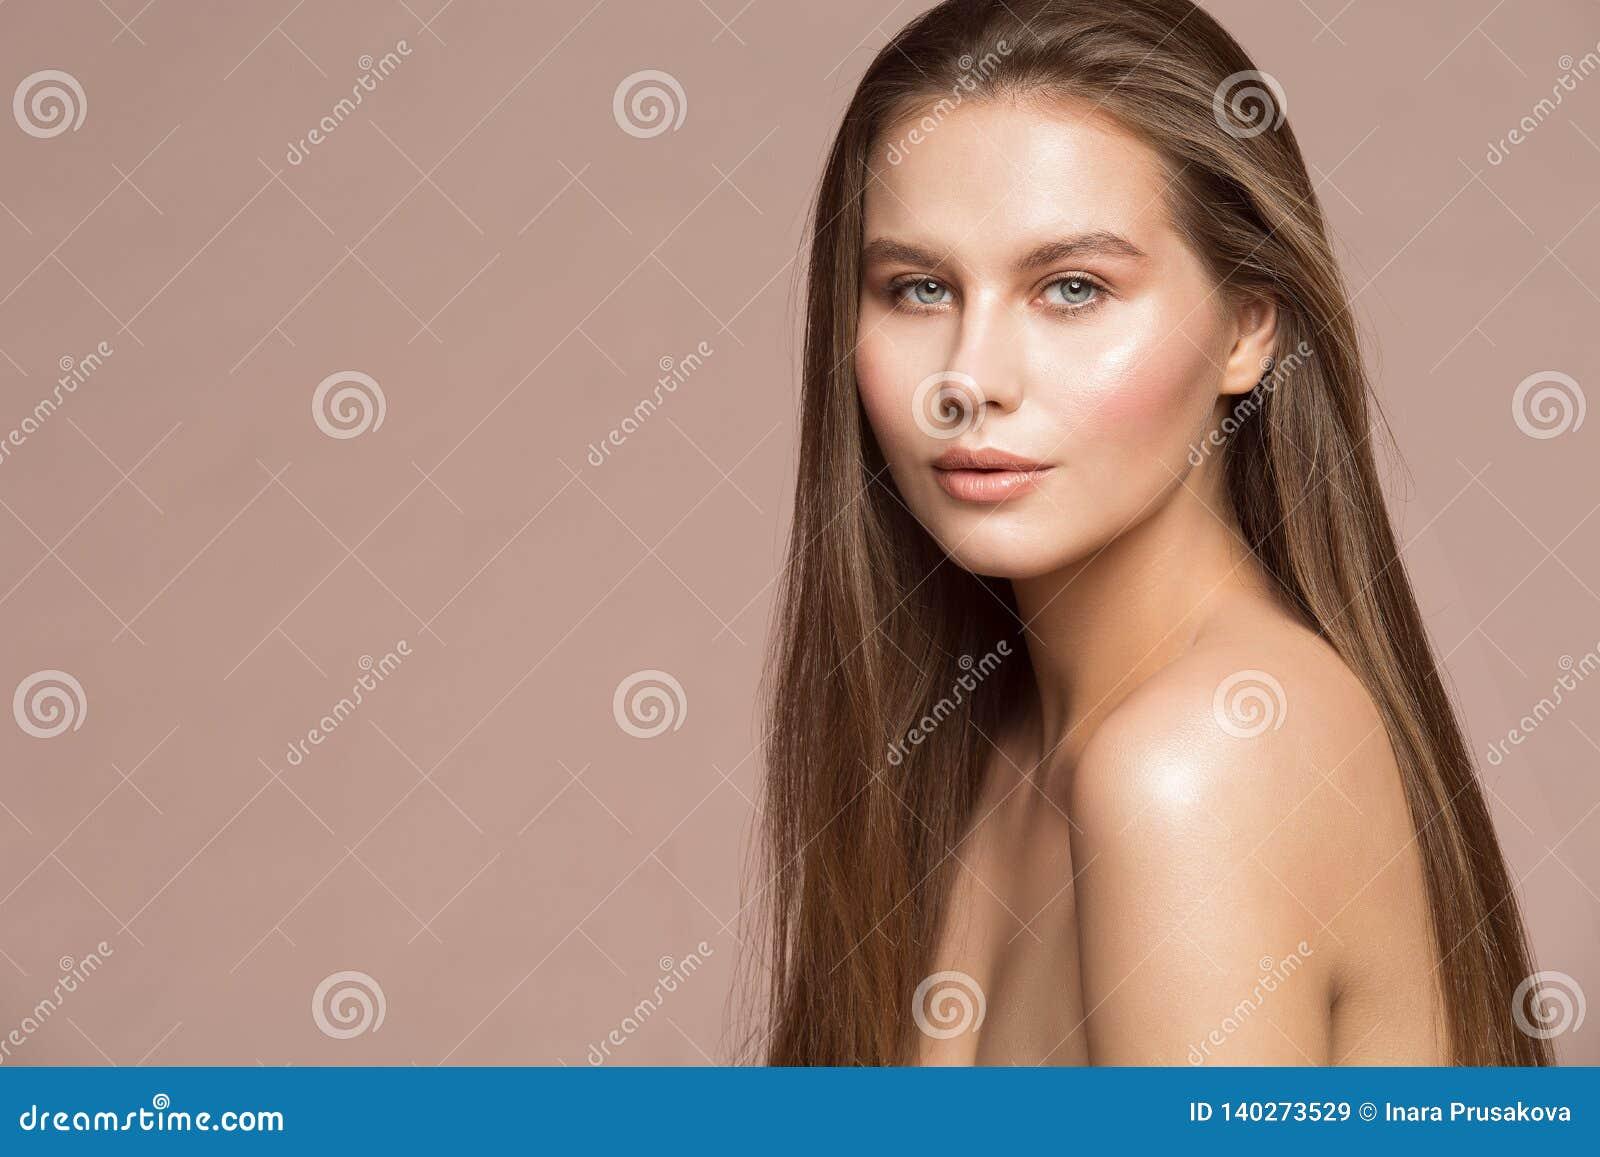 Η πρότυπη ομορφιά Makeup μόδας, όμορφο μακρυμάλλες υγρό δέρμα γυναικών αποτελεί, πορτρέτο στούντιο κοριτσιών